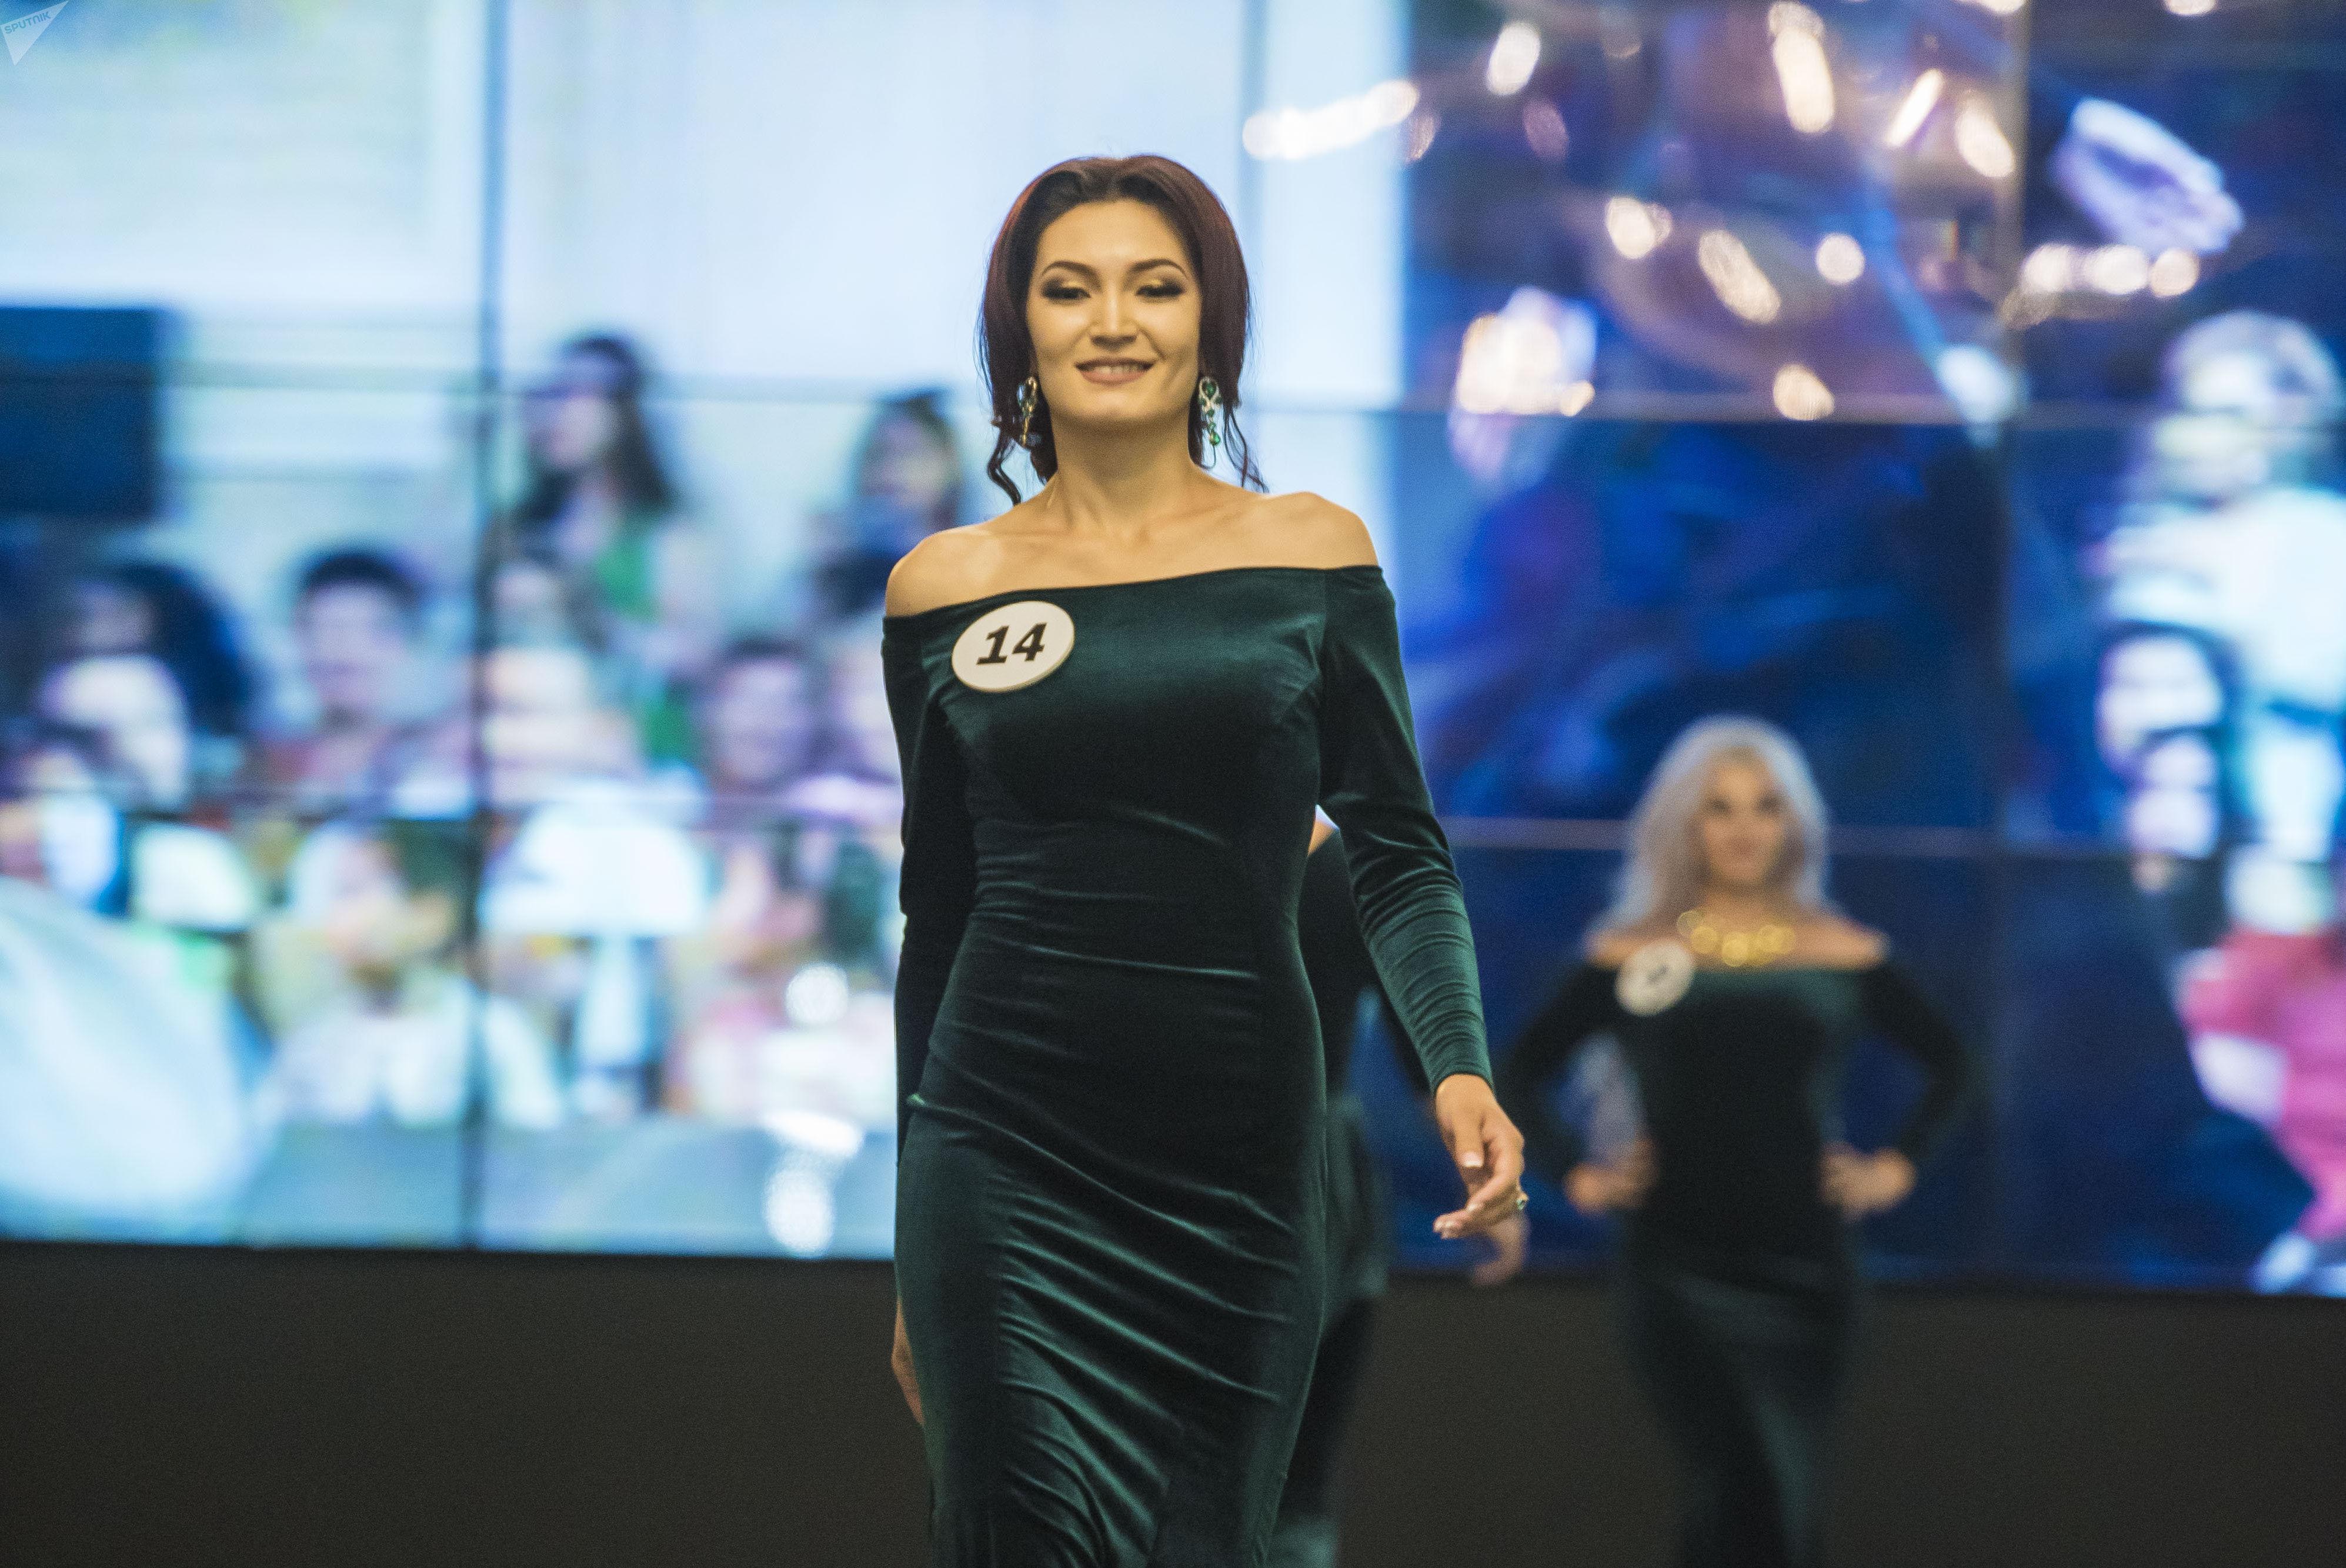 Обладательница титула Миссис Кыргызстан — 2017, Назик Сагынбекова